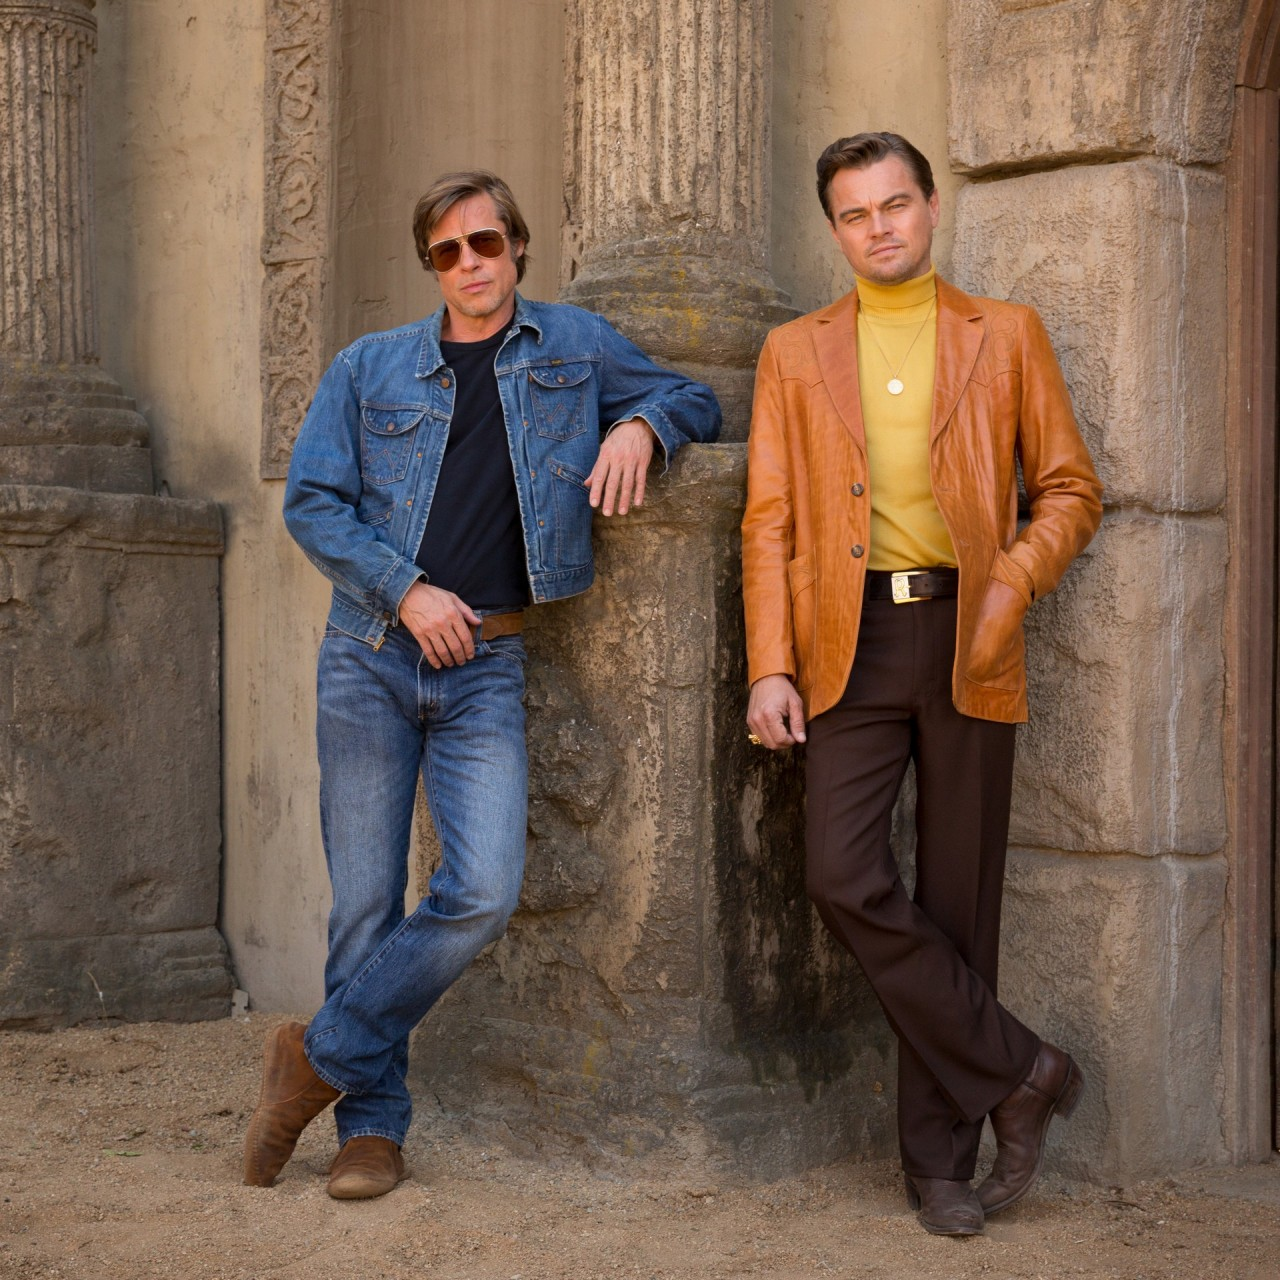 Брэд Питт и Леонардо Ди Каприо на съёмках фильма «Однажды в Голливуде», 2019